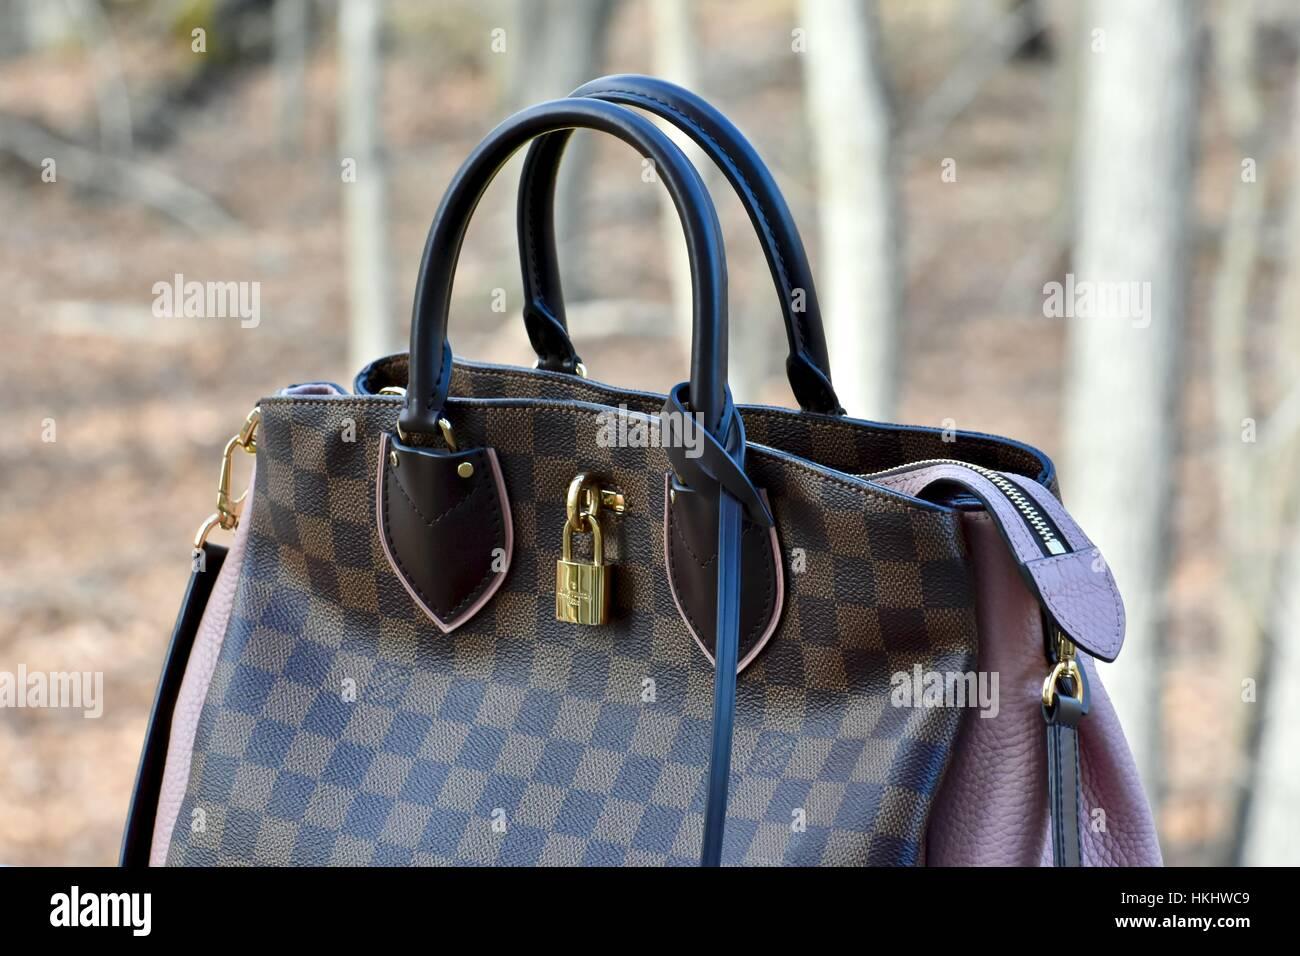 Designer Handbag Stock Photos   Designer Handbag Stock Images - Alamy a295c5e4d7ee3